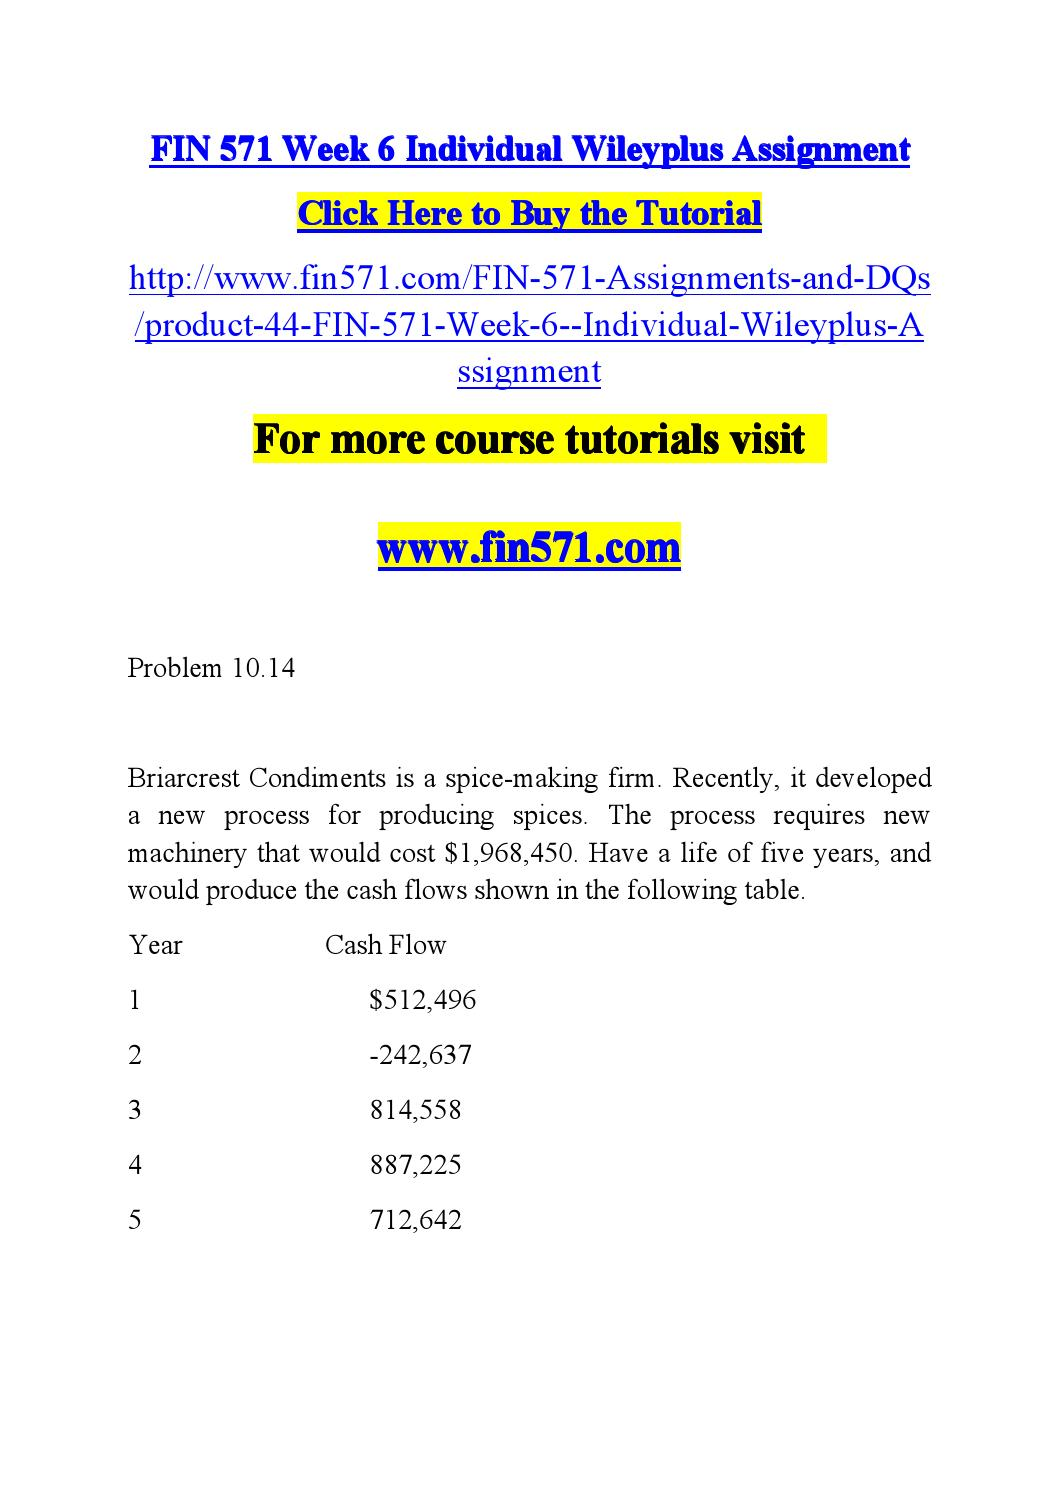 week 2 fin571 problem sets Fin/571 class fin 571 week 1: individual assignment: guillermo fin 571 week 2: individual assignment: text problem sets fin 571 week 3: learning team assignment.